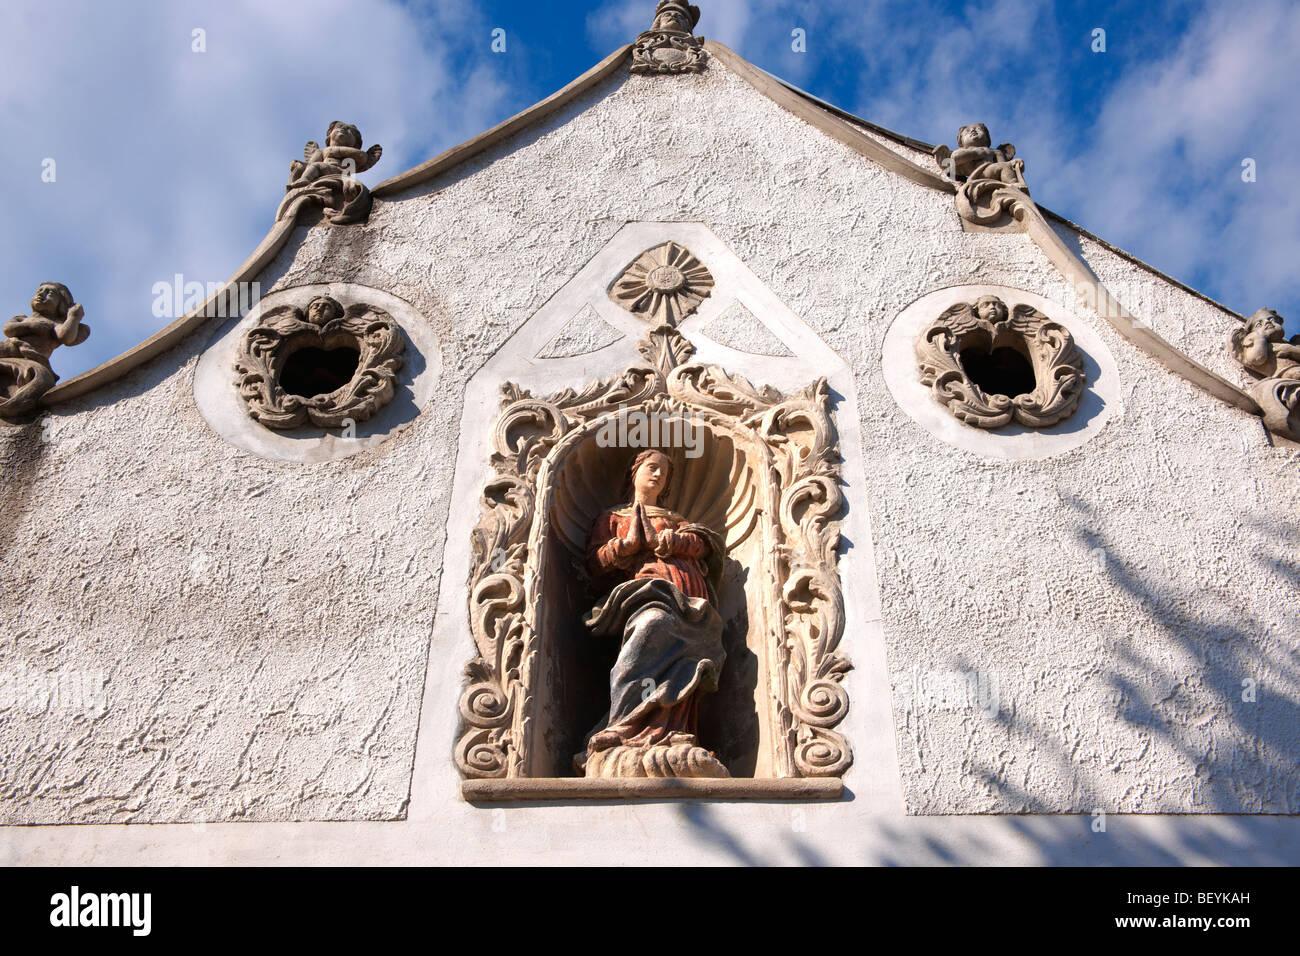 Las estatuas de los dos moros House (K t m r h z). Arquitectura barroco rústico - Sopron, Hungría Imagen De Stock